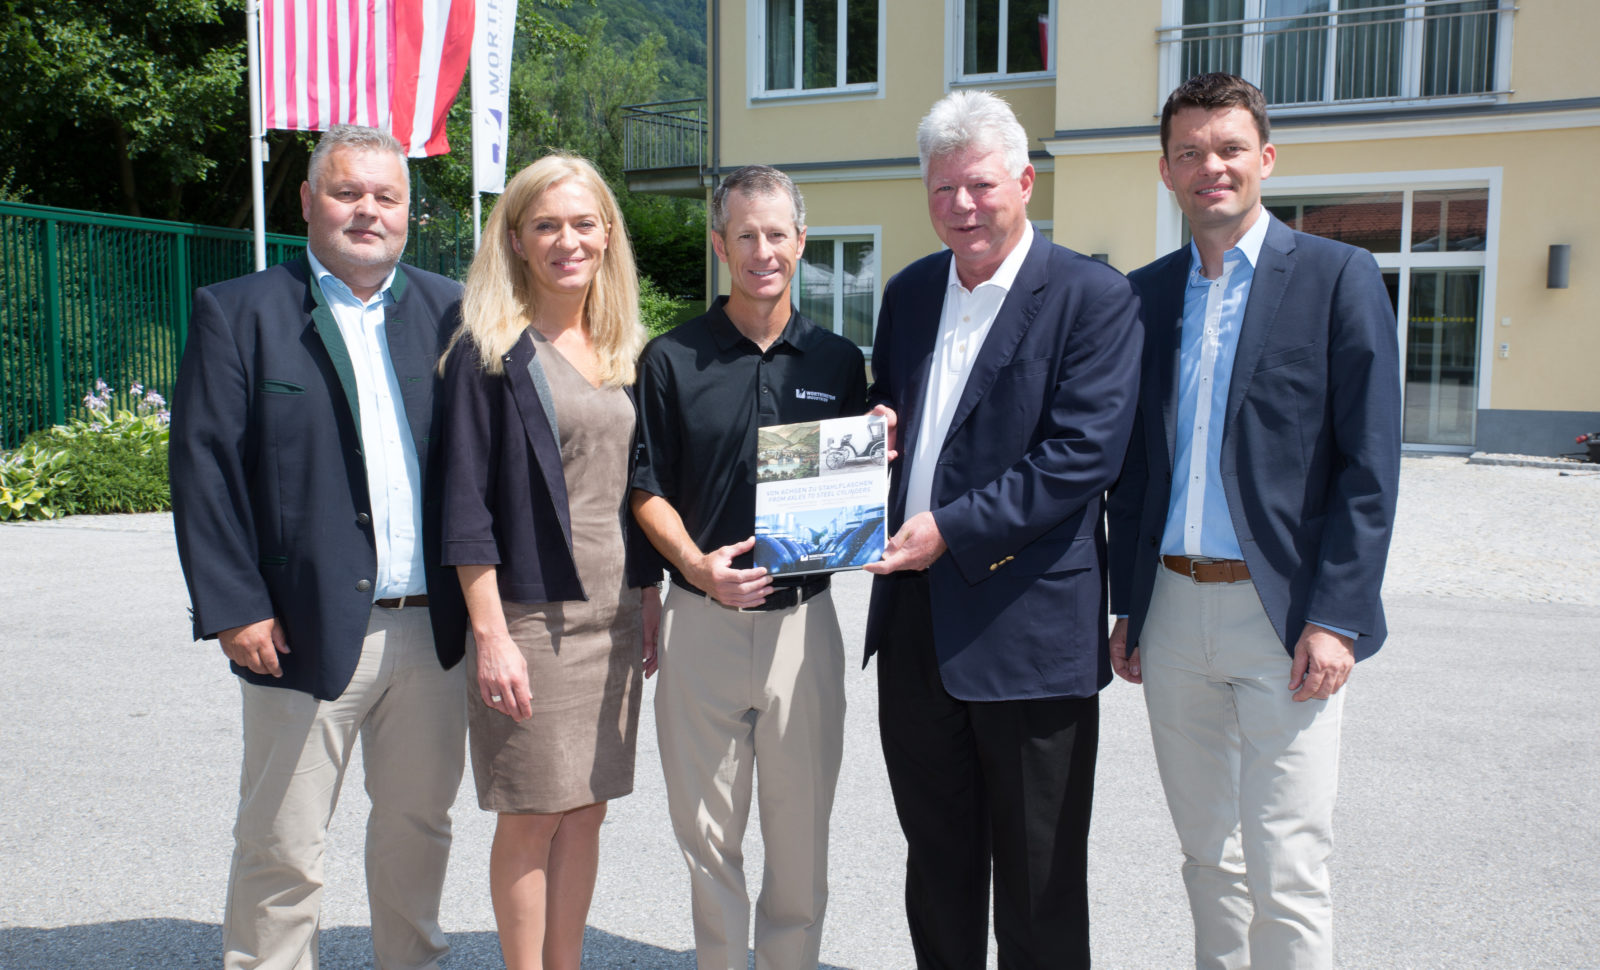 Worthington feiert 200 Jahre Jubiläum in Kienberg